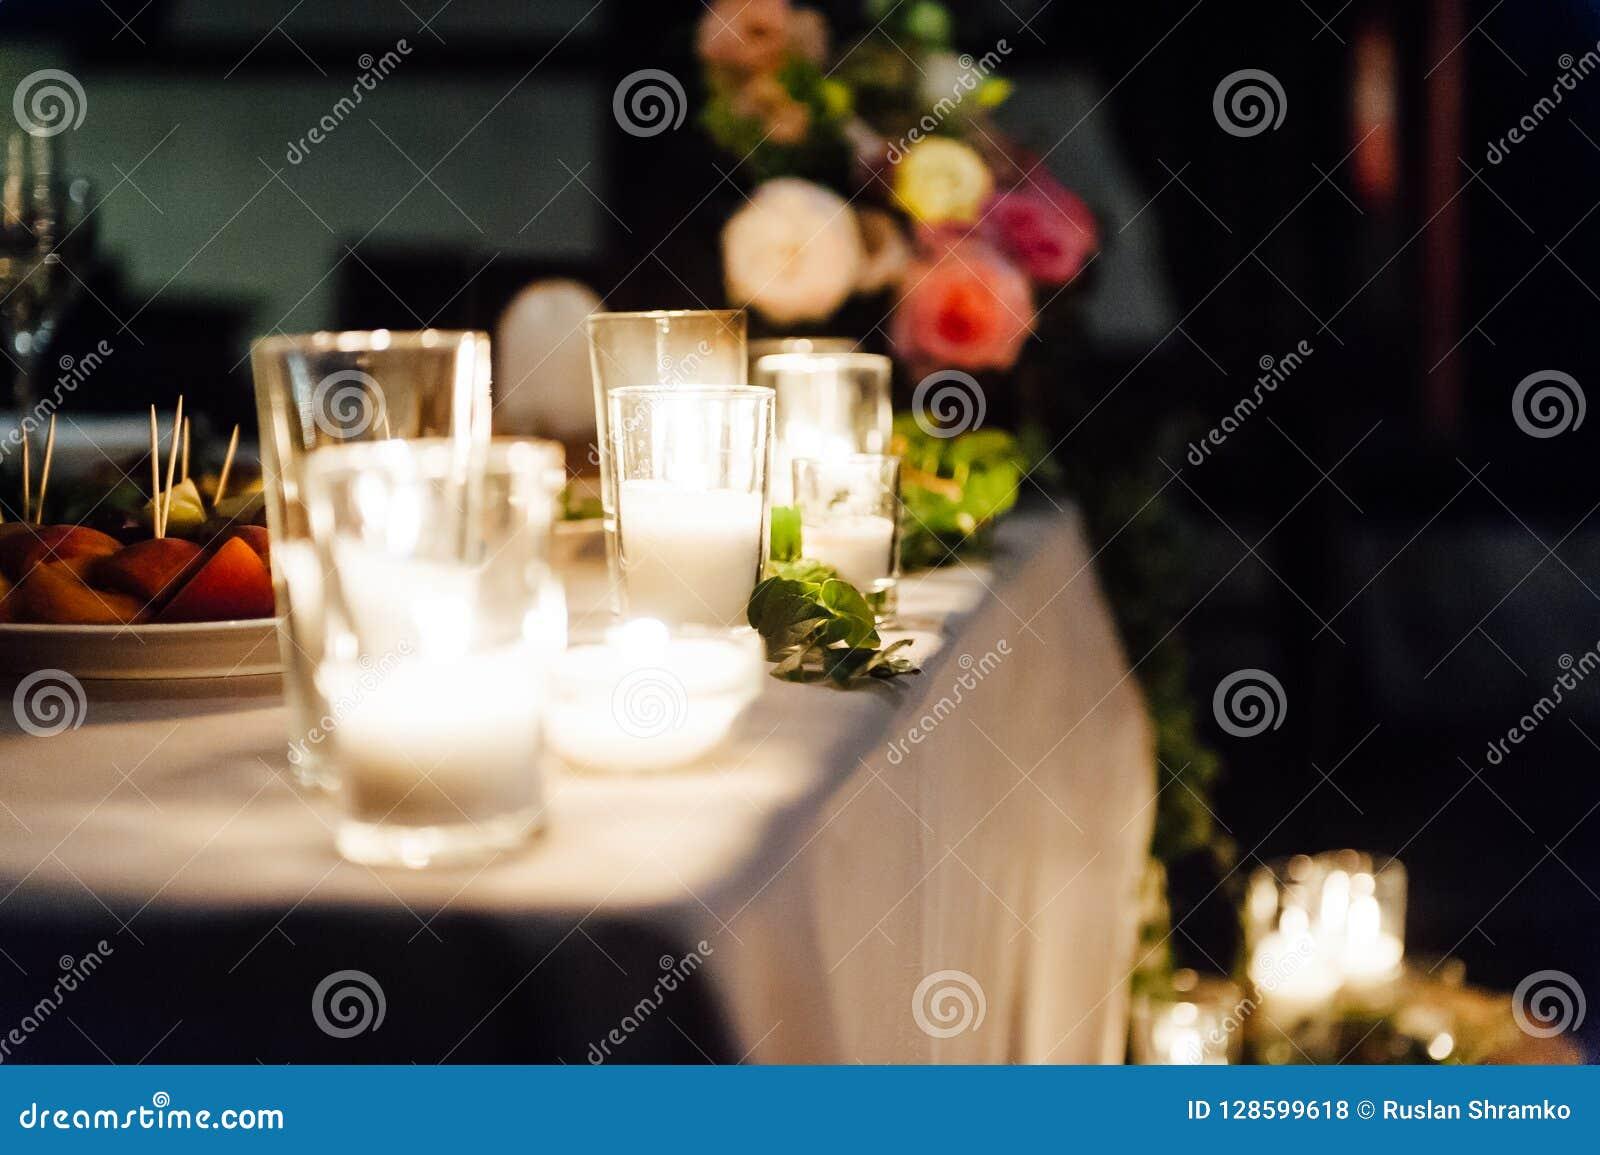 Деревенское оформление свадьбы на предпосылке тимберса Главная сервировка стола для новобрачных жениха и невеста